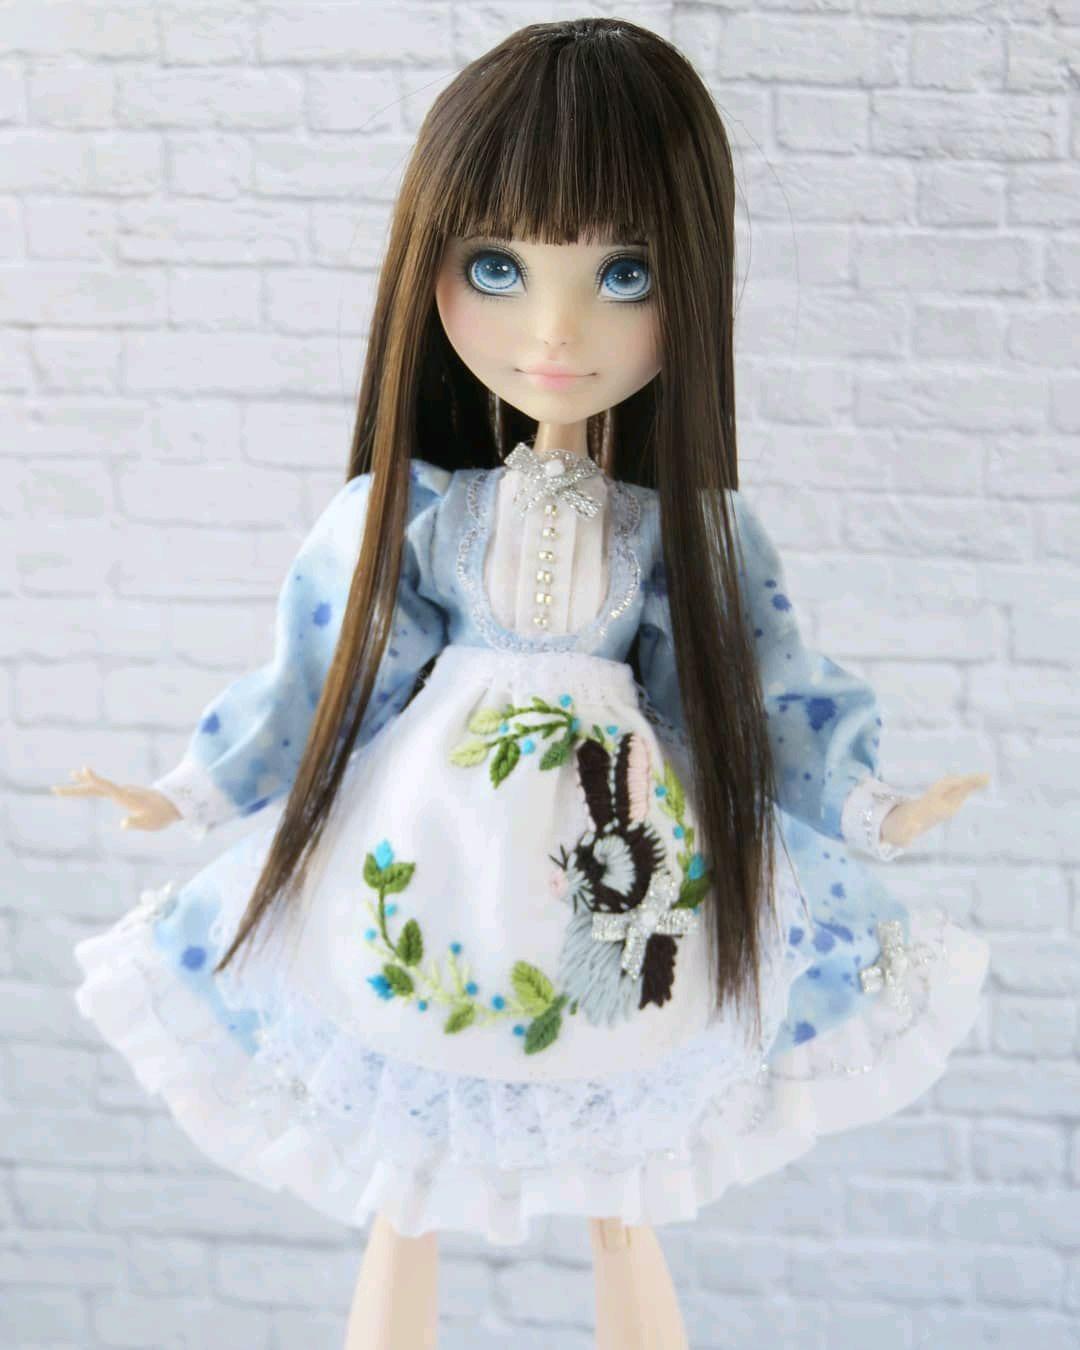 Одежда для кукол Монстер Хай и Эвер Афтер с вышивкой, Одежда для кукол, Можга,  Фото №1